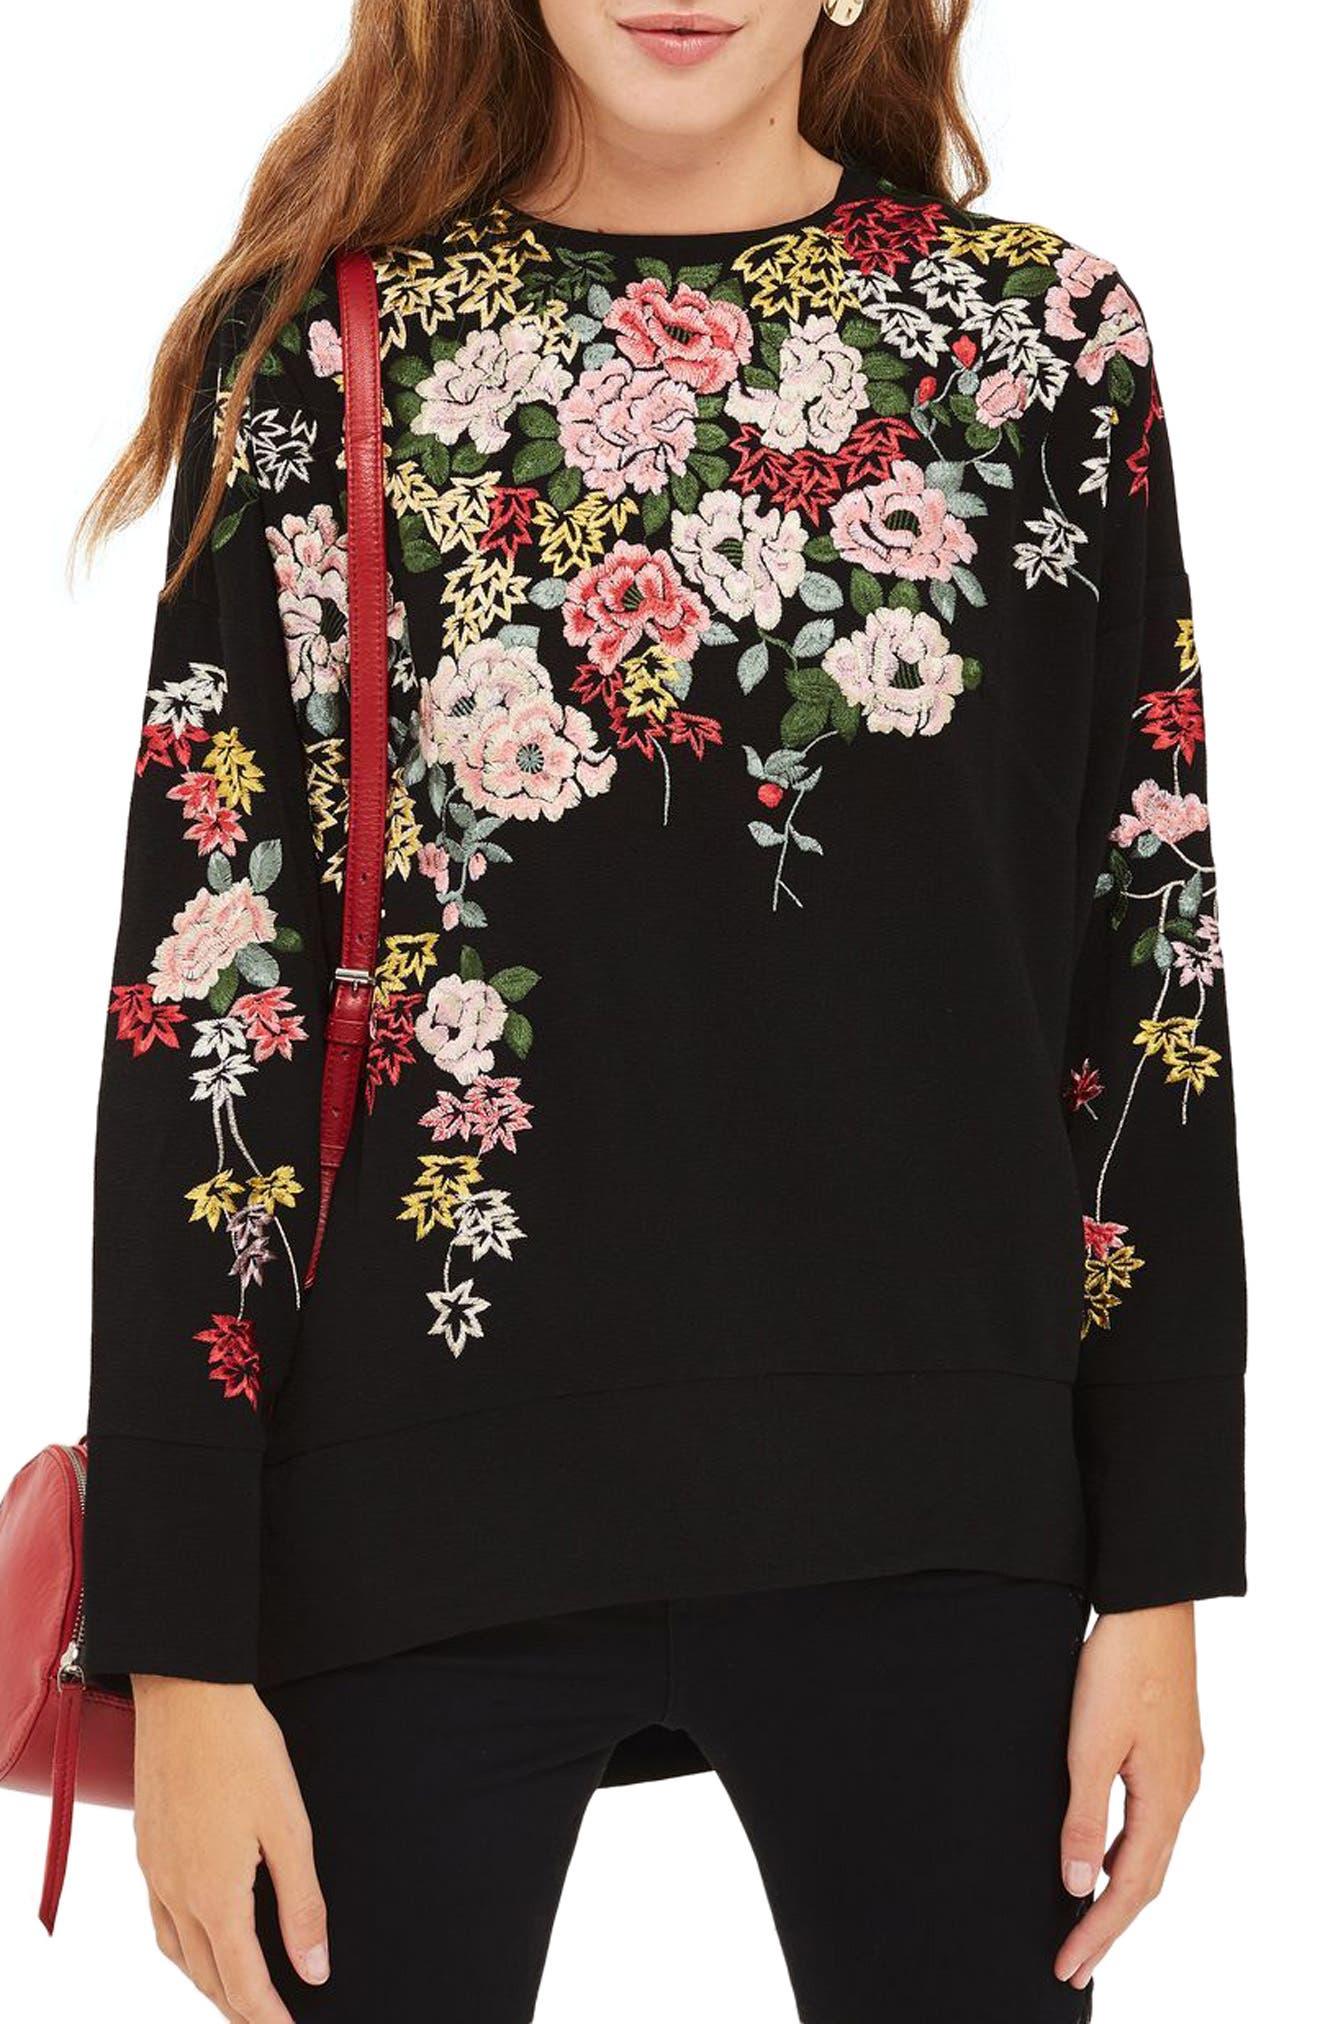 Main Image - Topshop Kimono Embroidered Sweatshirt